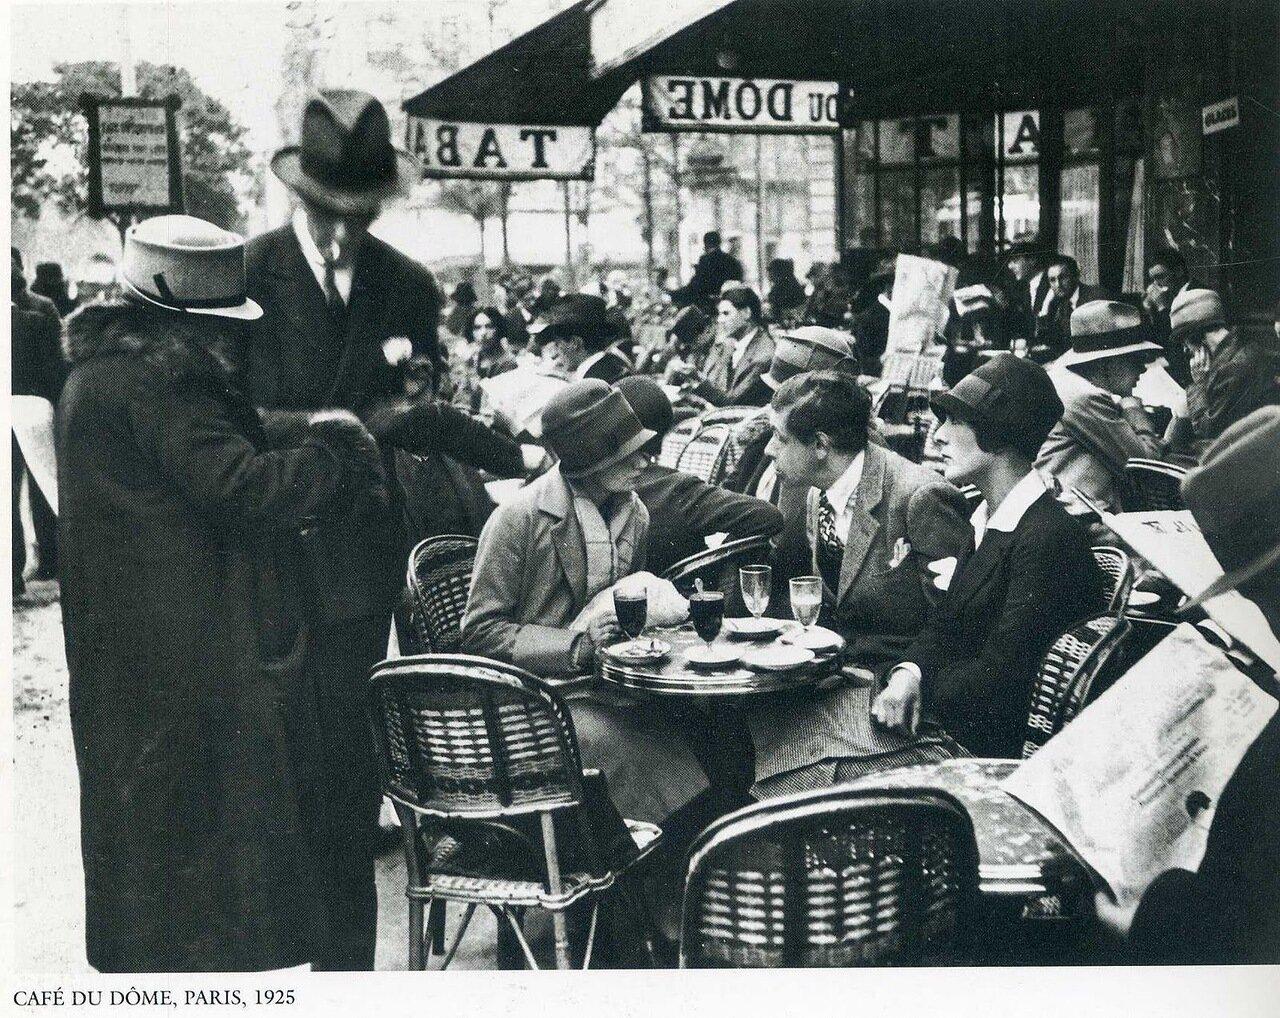 Кафе Дю Дом. Париж, 1925